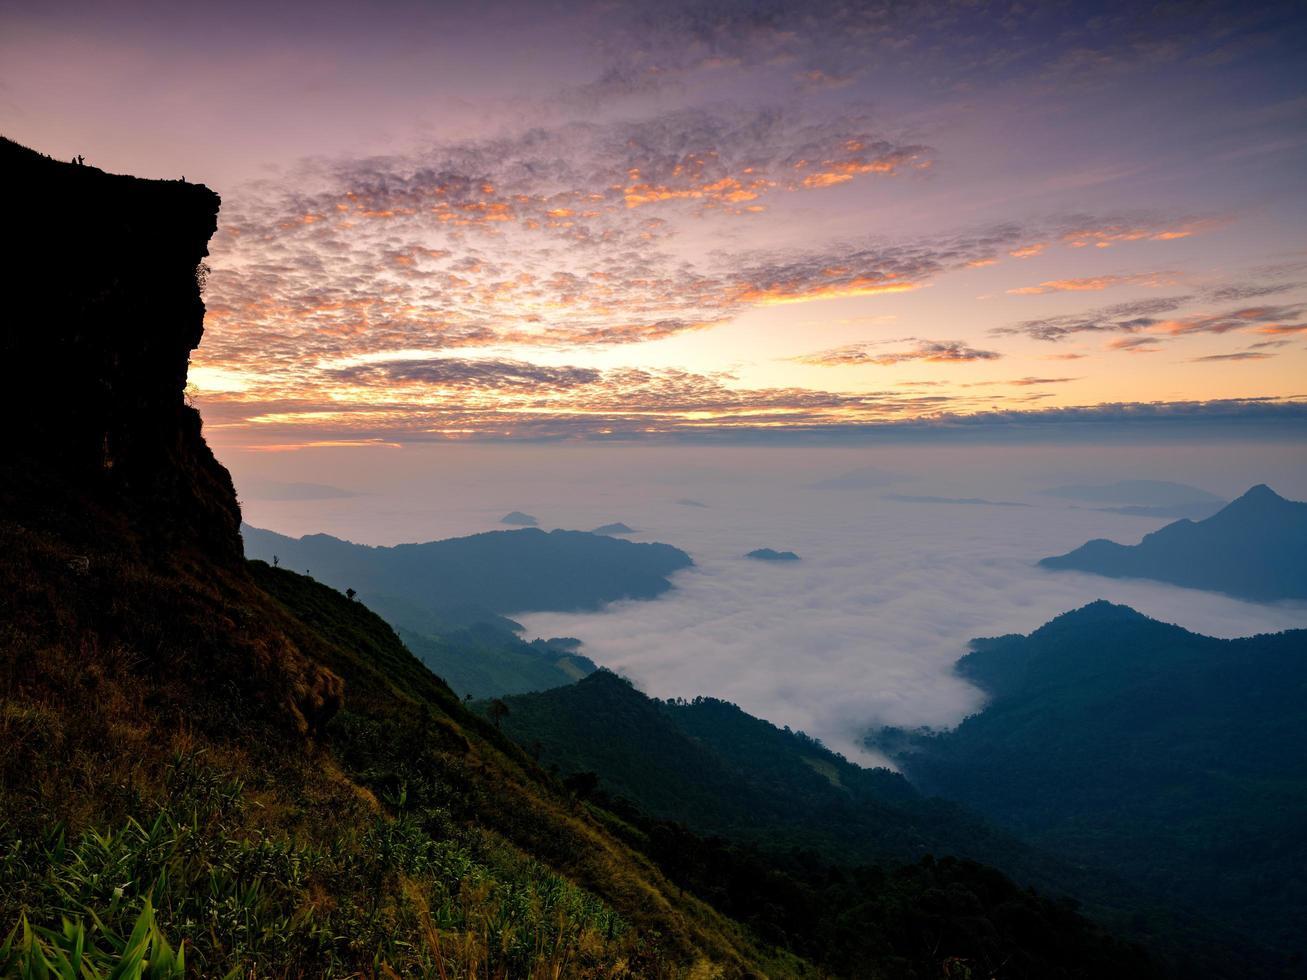 uitzicht vanaf de berg met mistige achtergrond foto